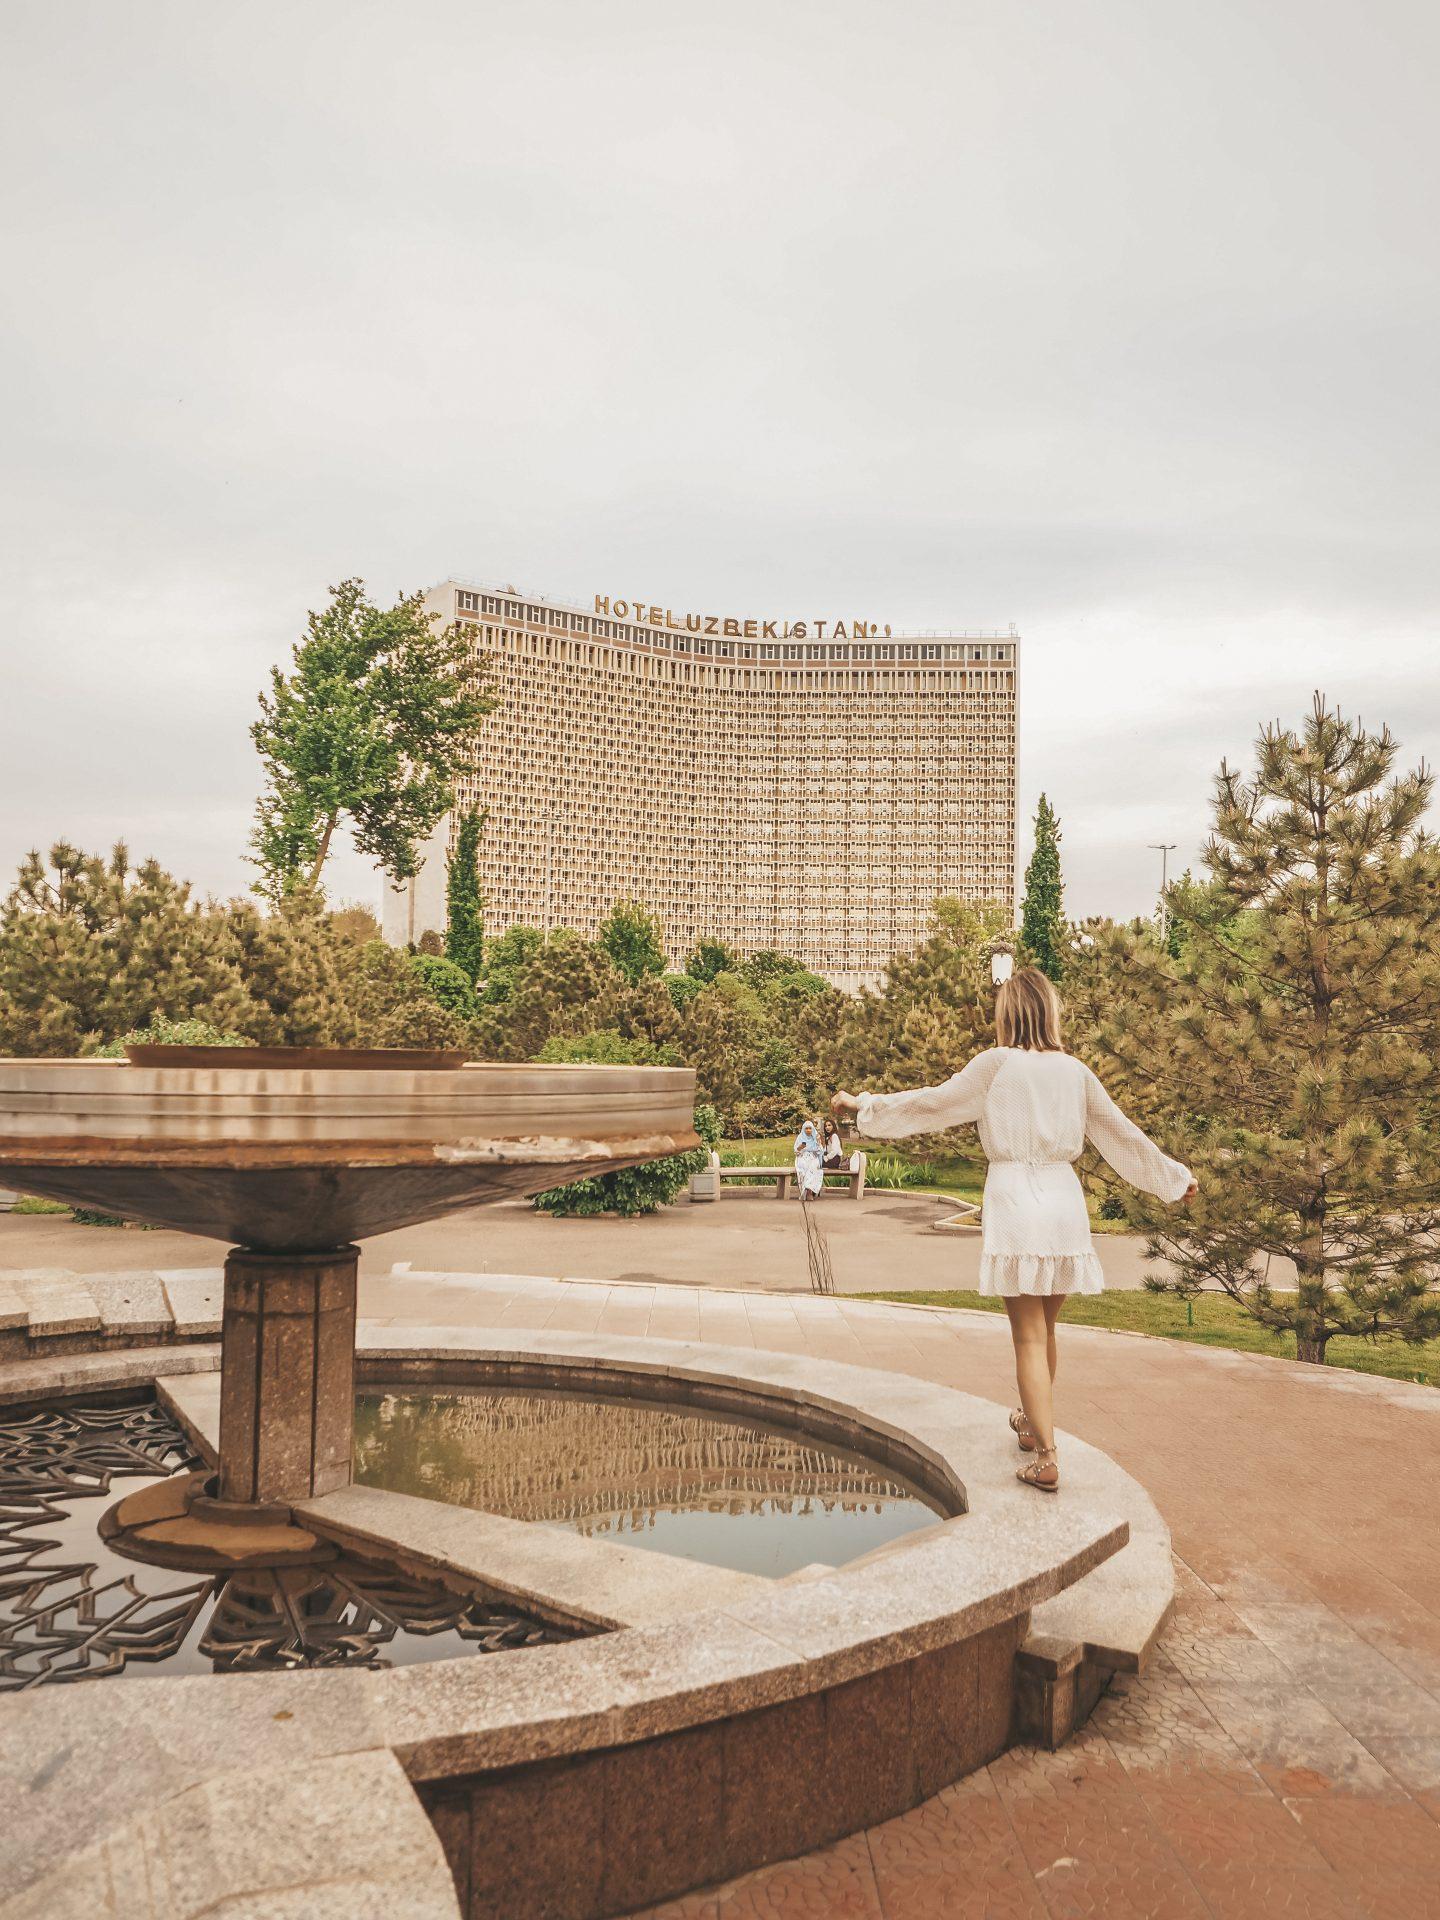 Tashkent - Amir Timur Square